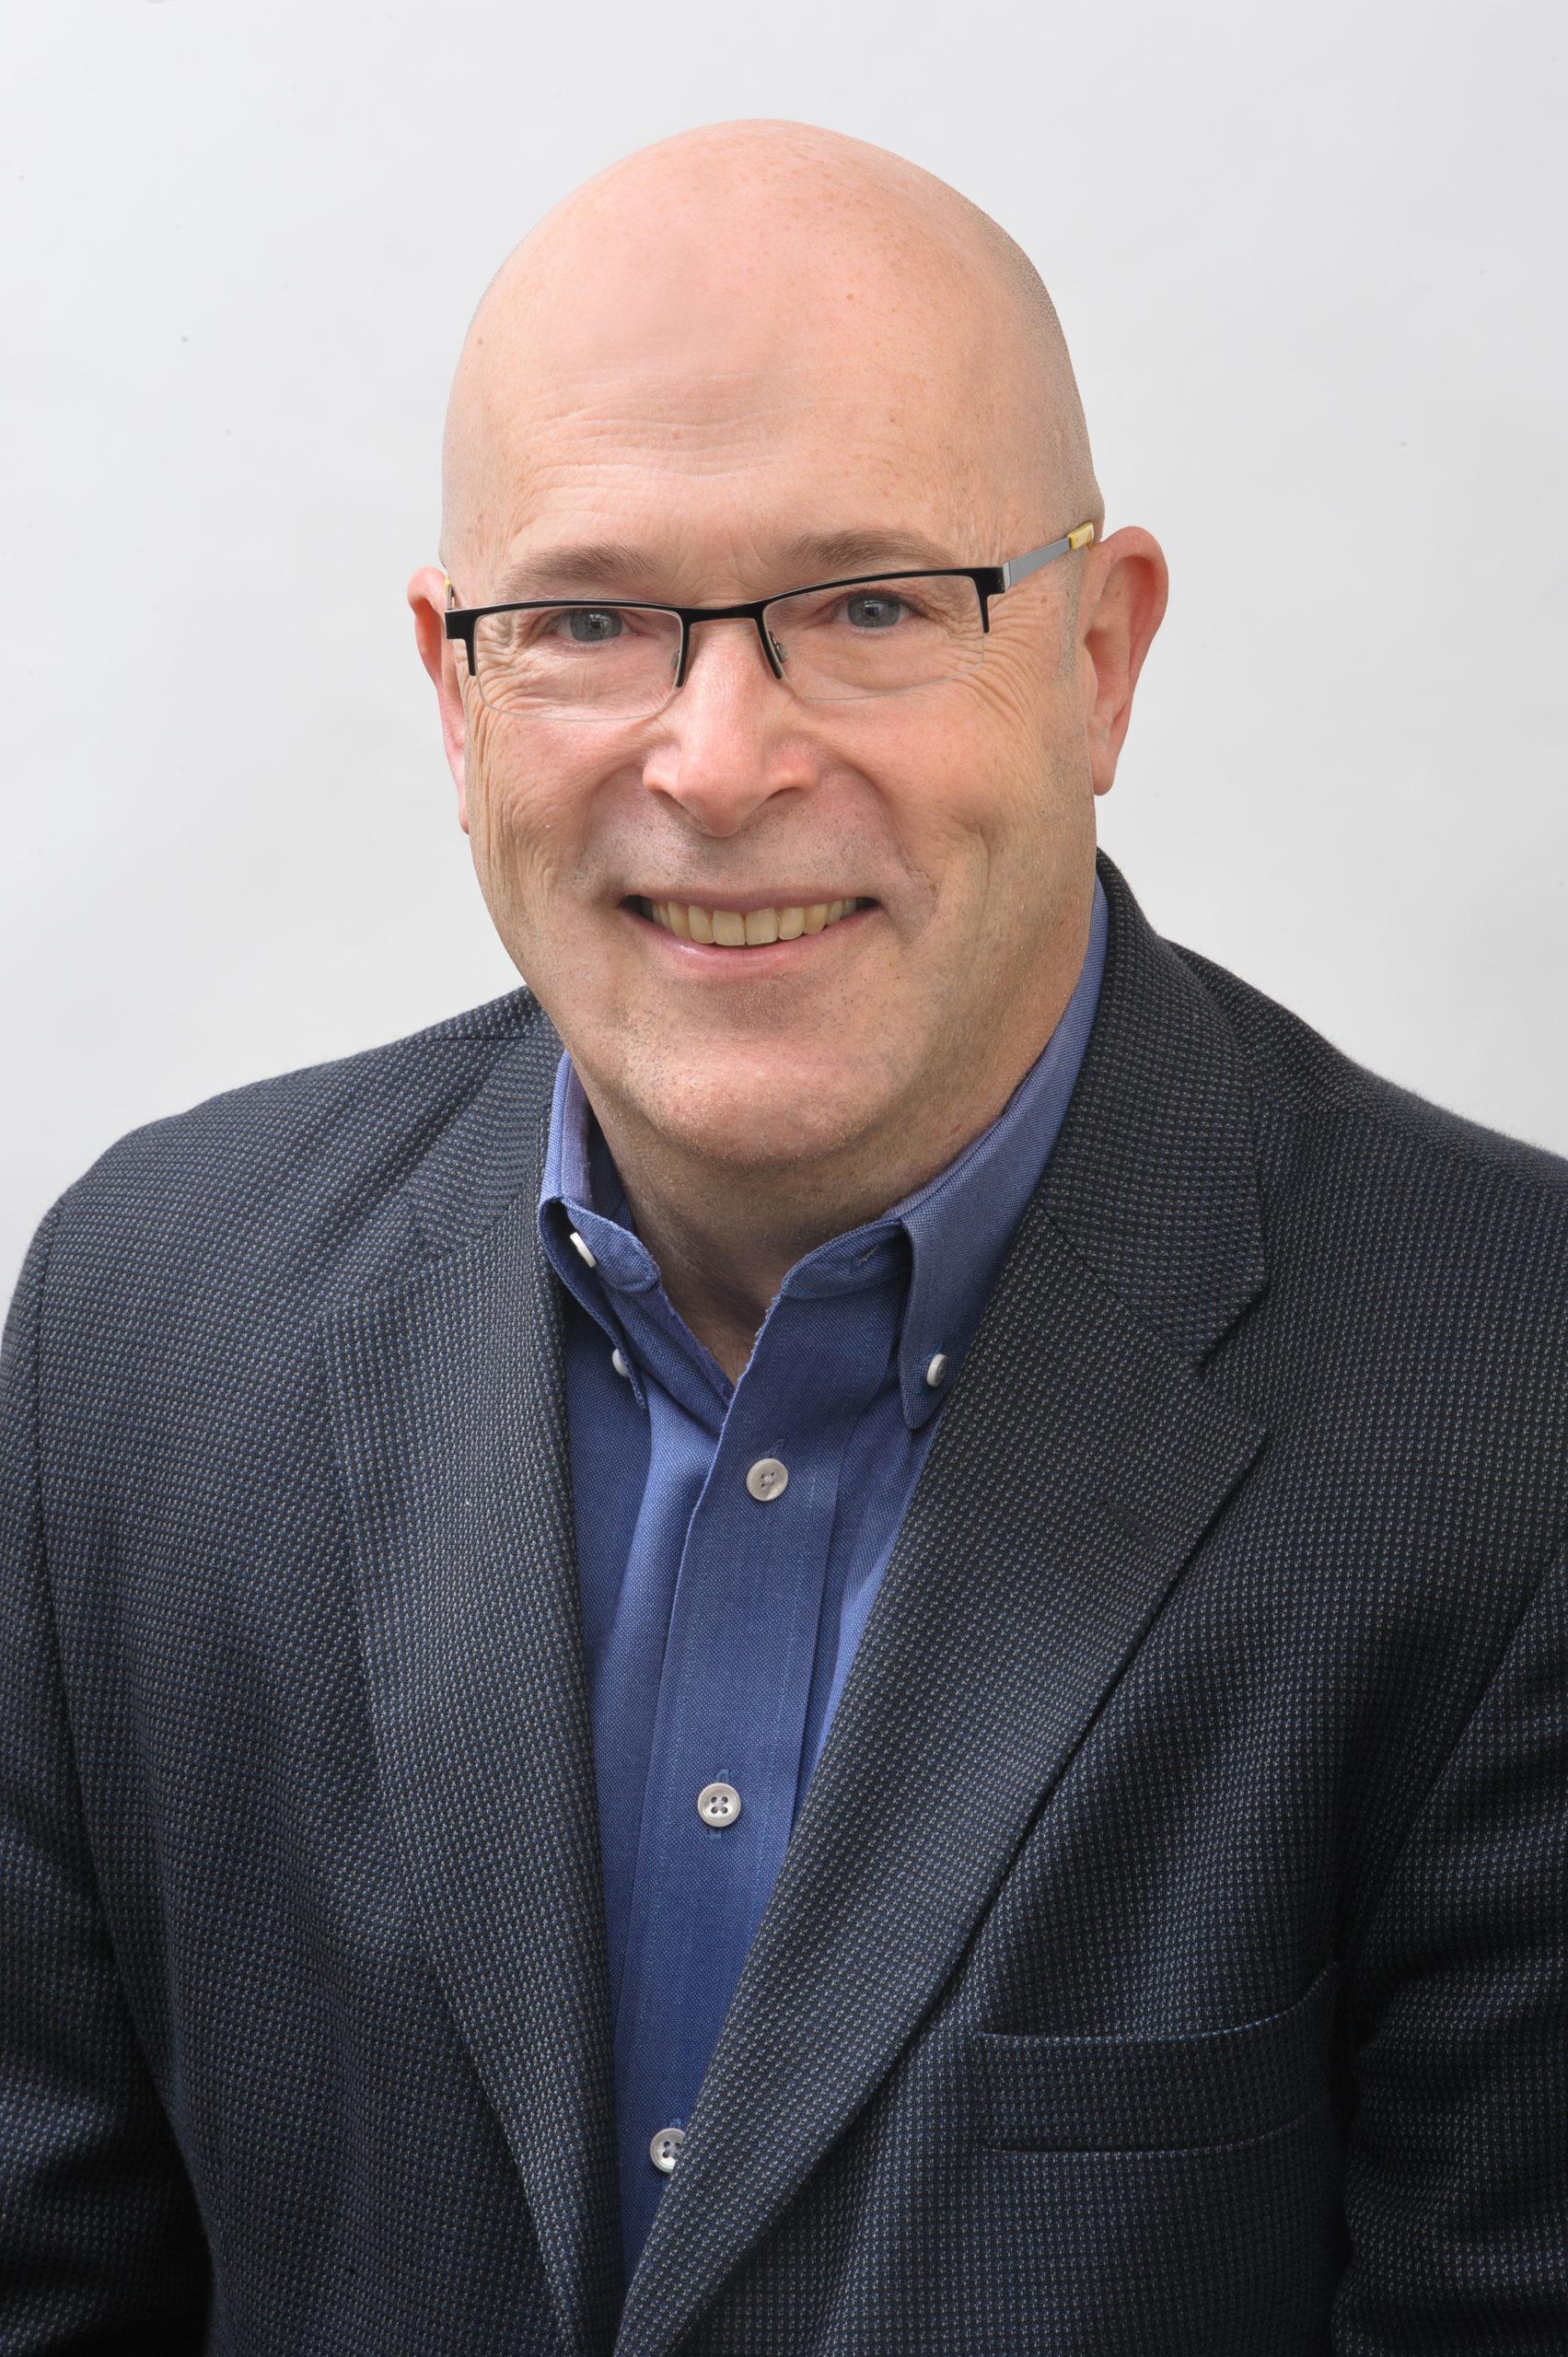 Todd Baker